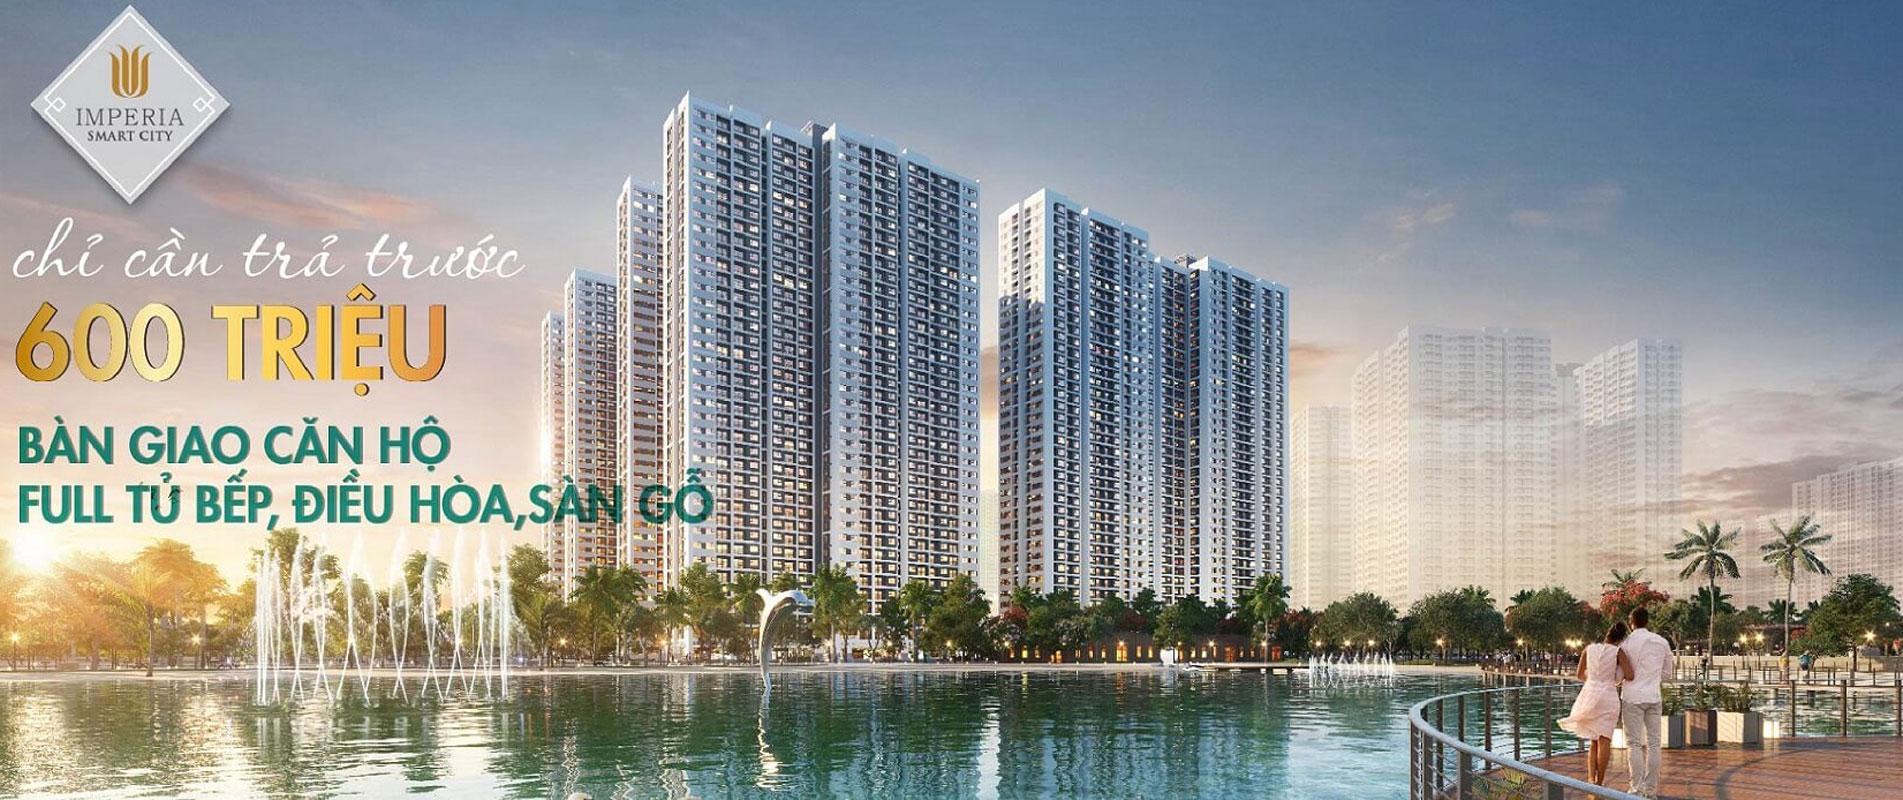 tong-quan-du-an-imperia-smart-city-01 (1)